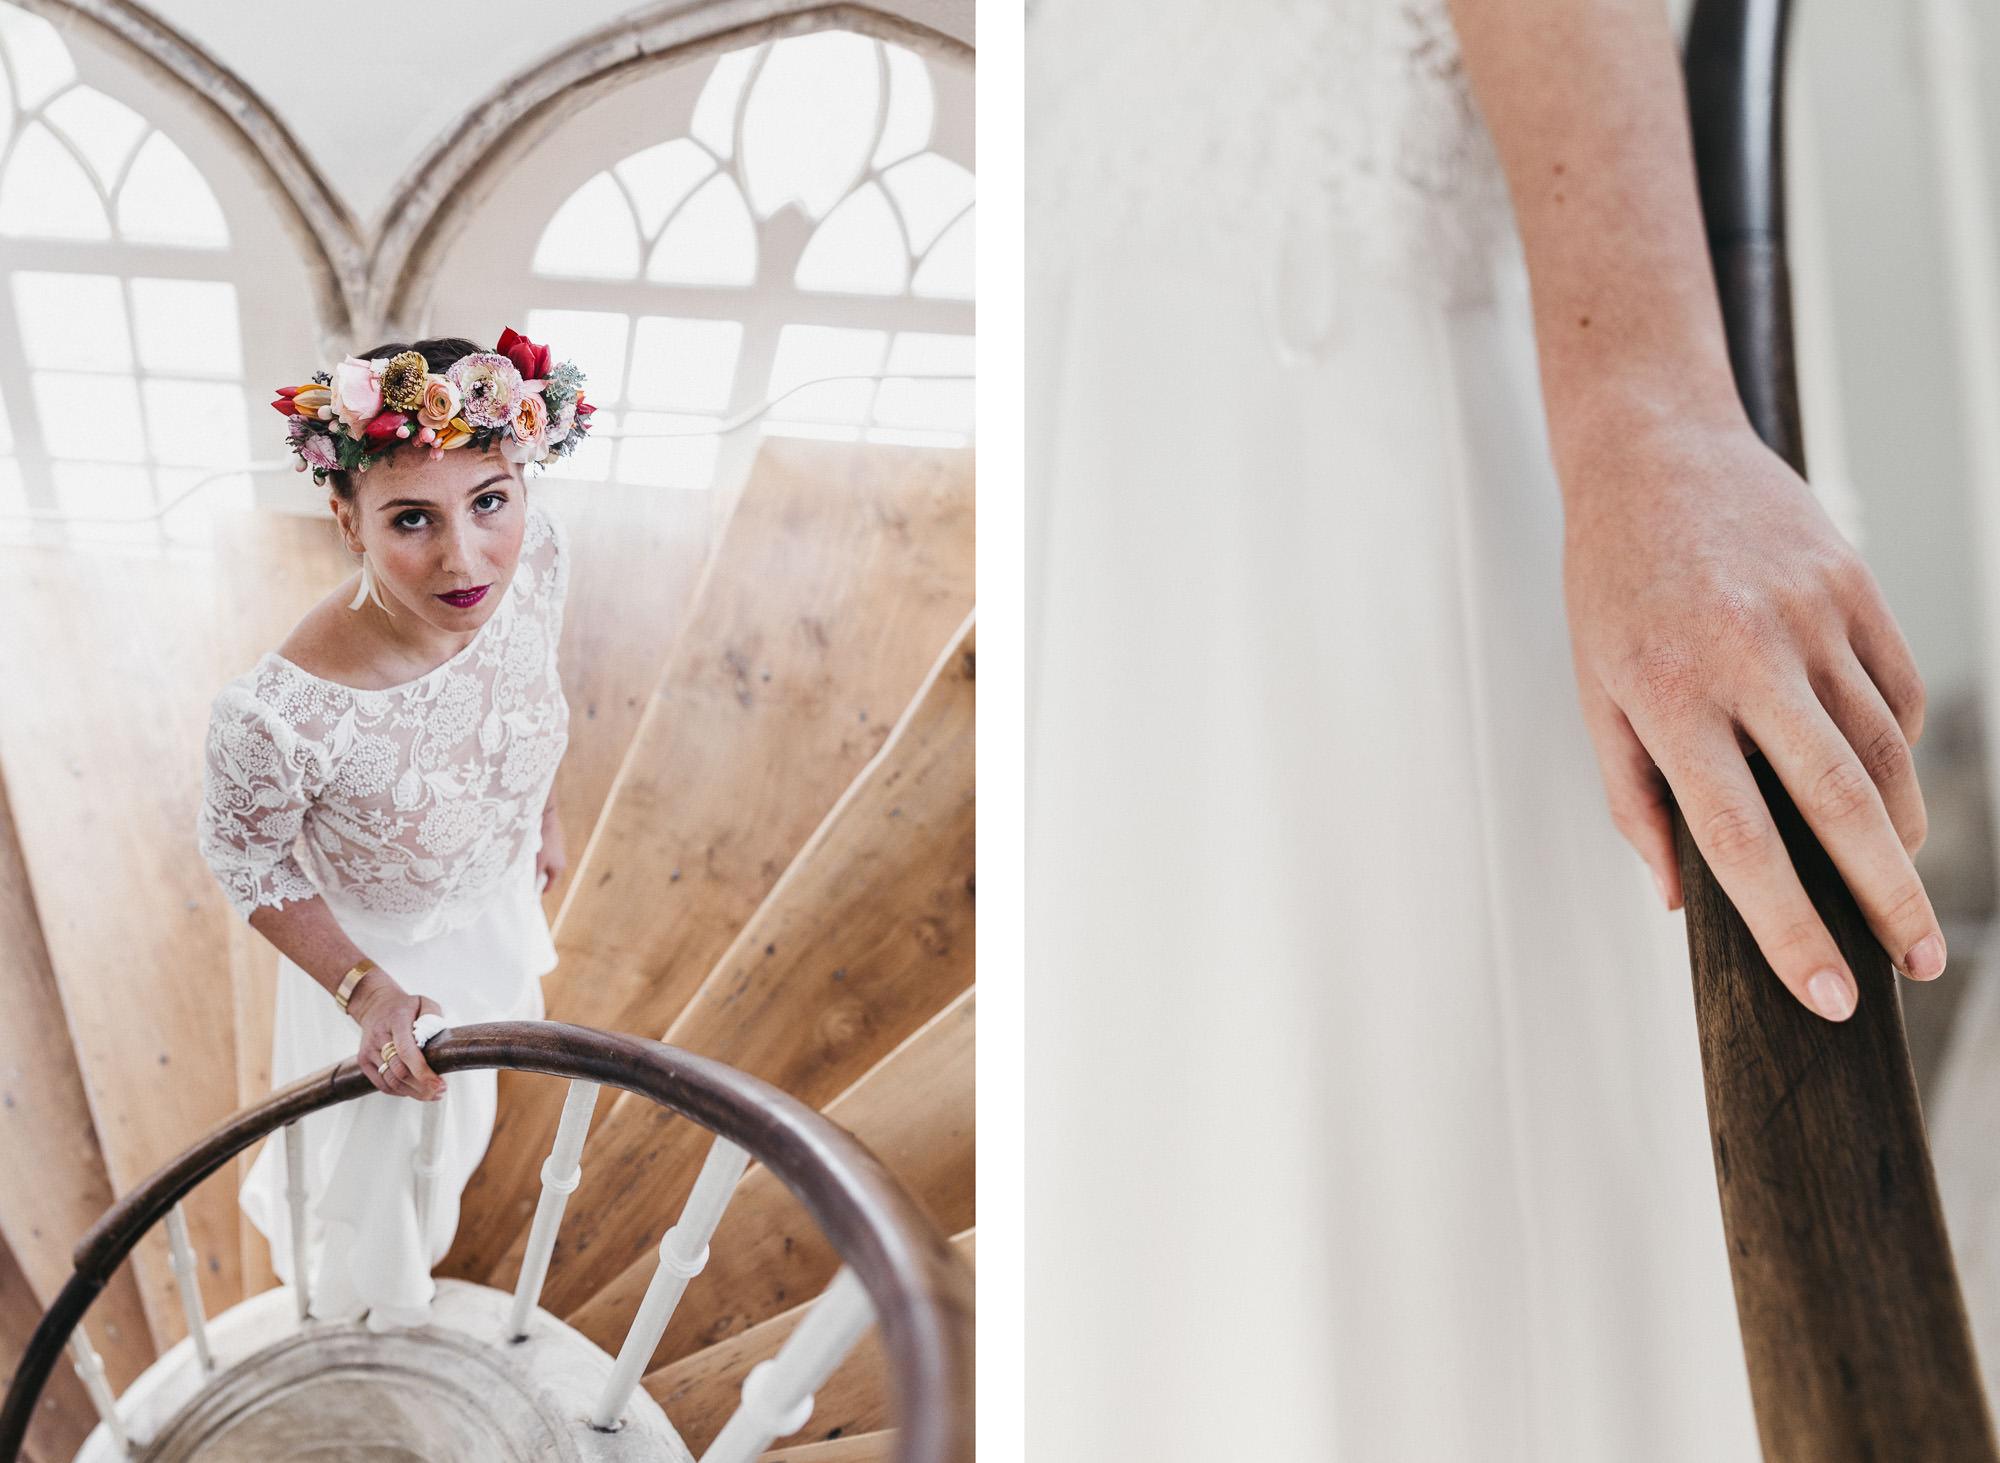 About Love - Festival de mariage a Caen - Warren Lecart